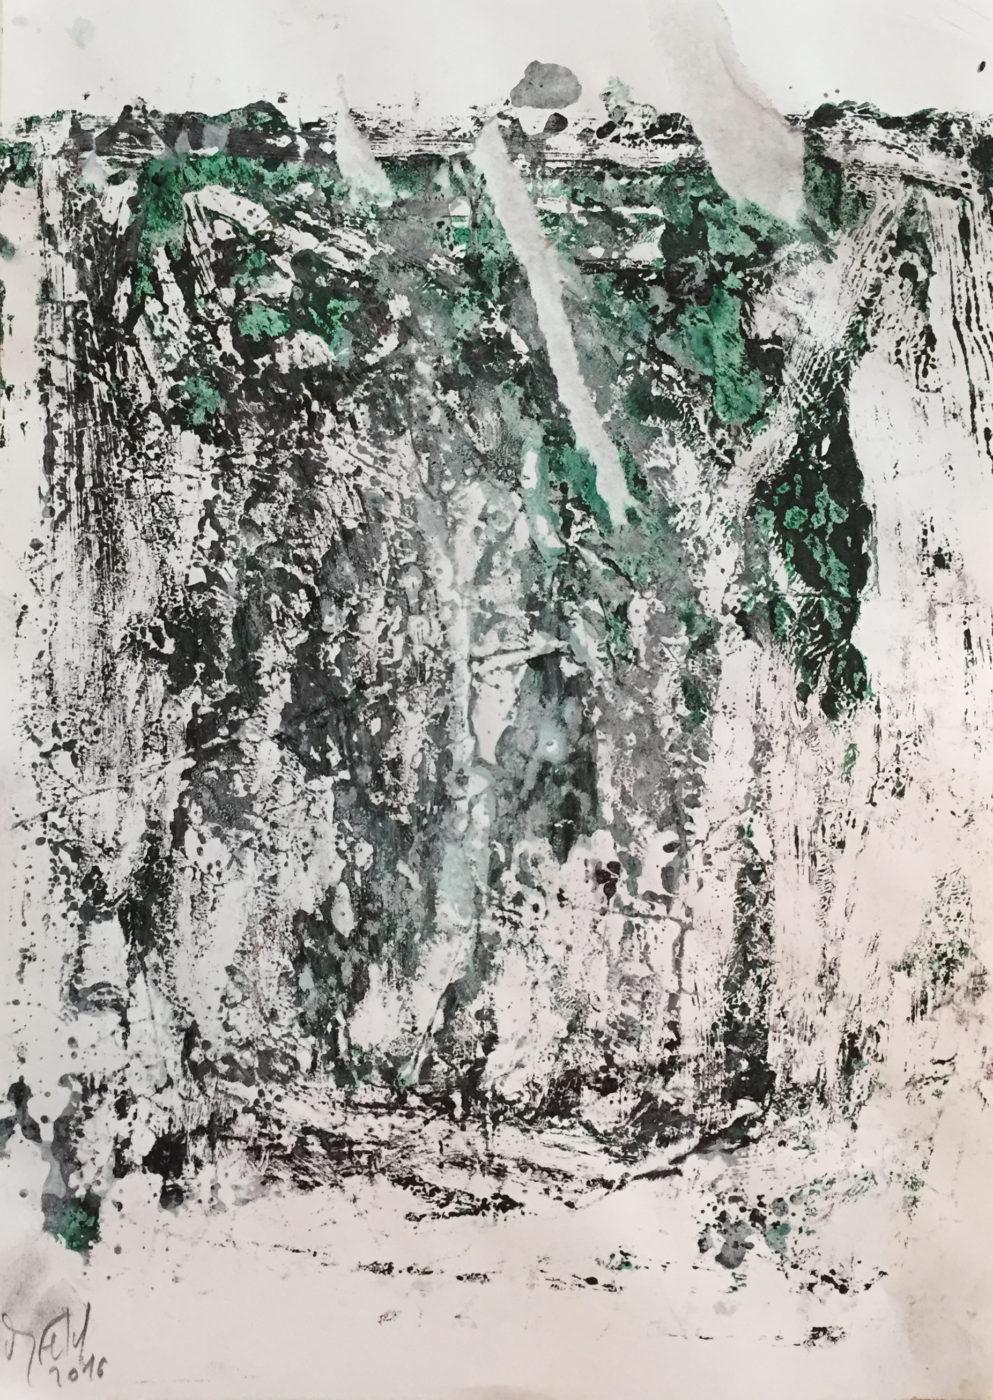 MARC FELD 2016 FRAGMENTATION 3 Huile et acrylique sur papier 29,7 x 21 cm